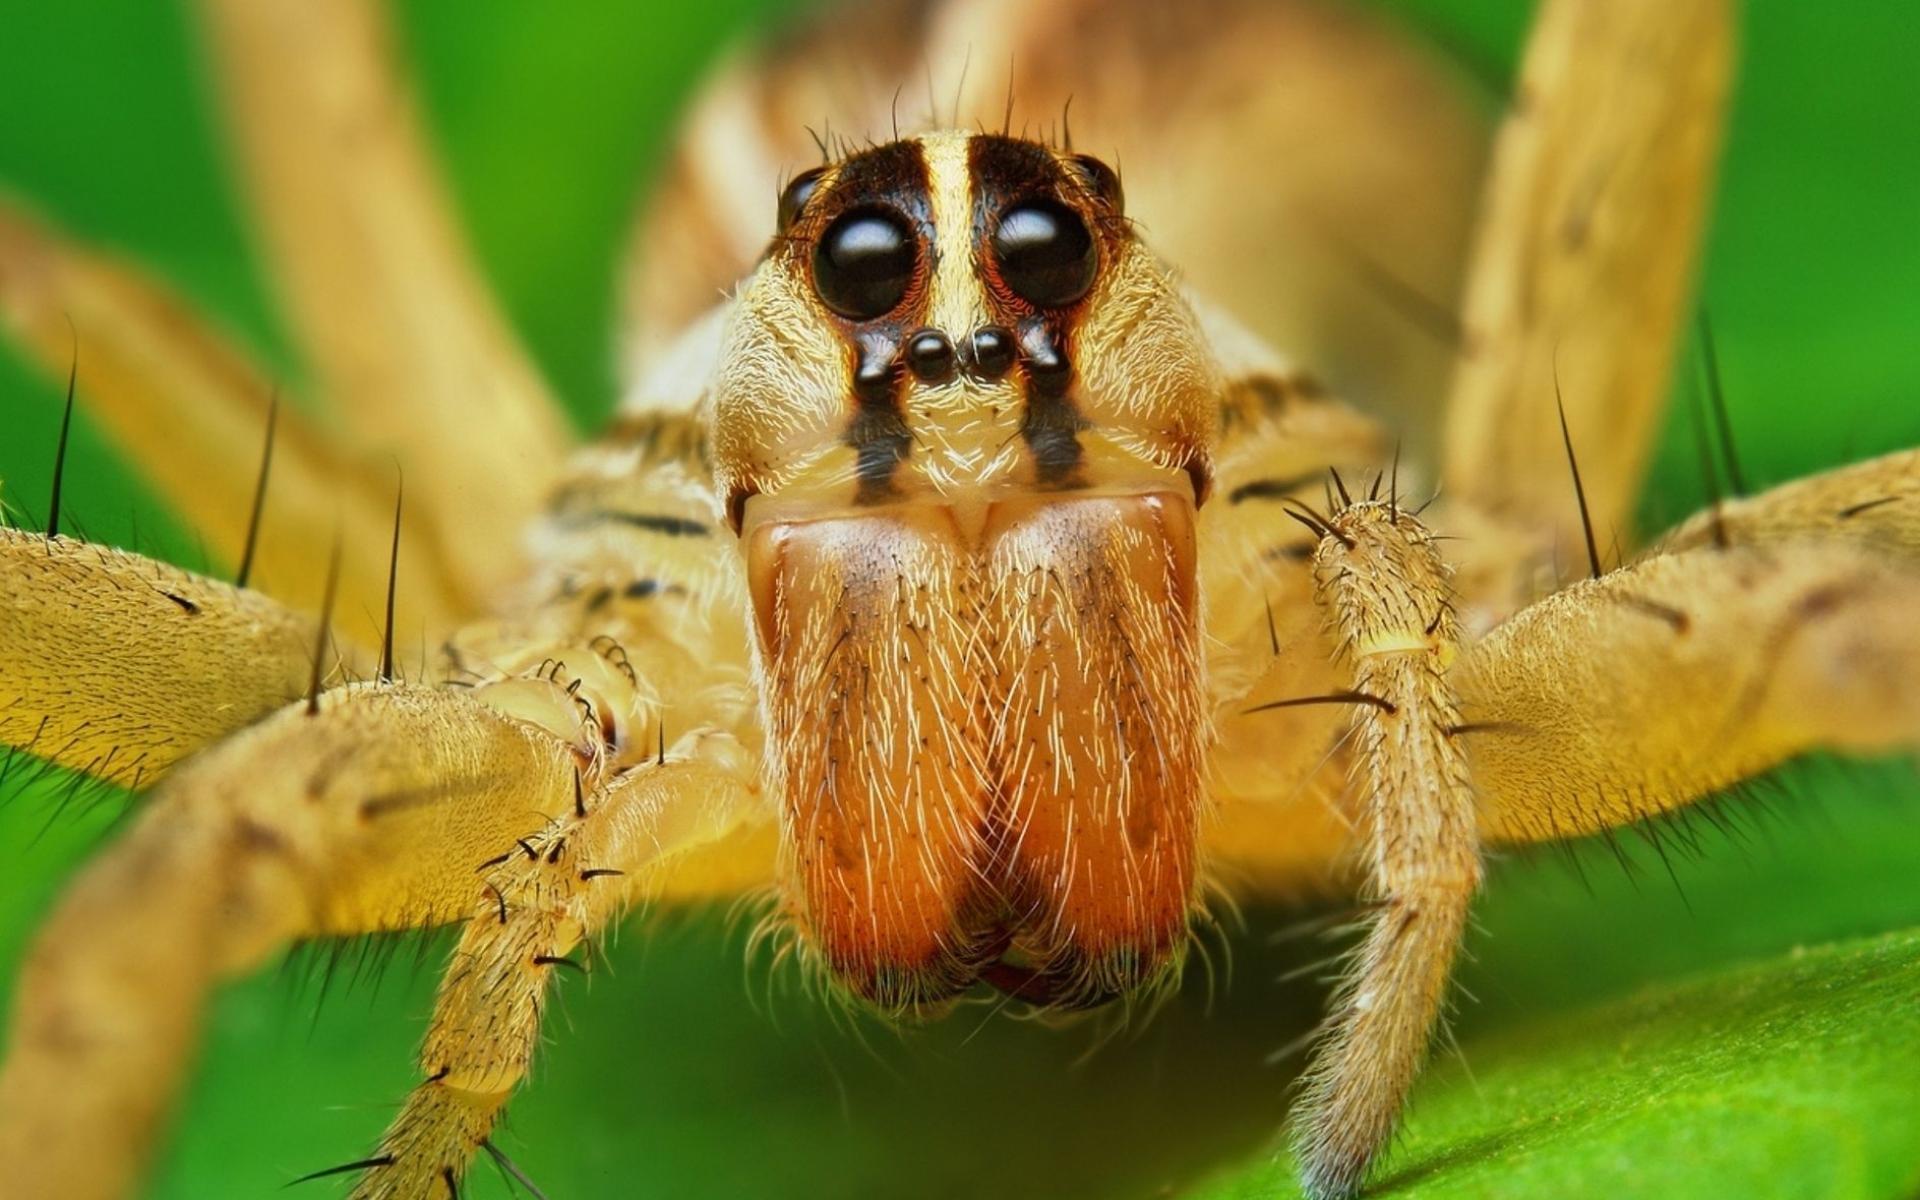 фото паука hd'